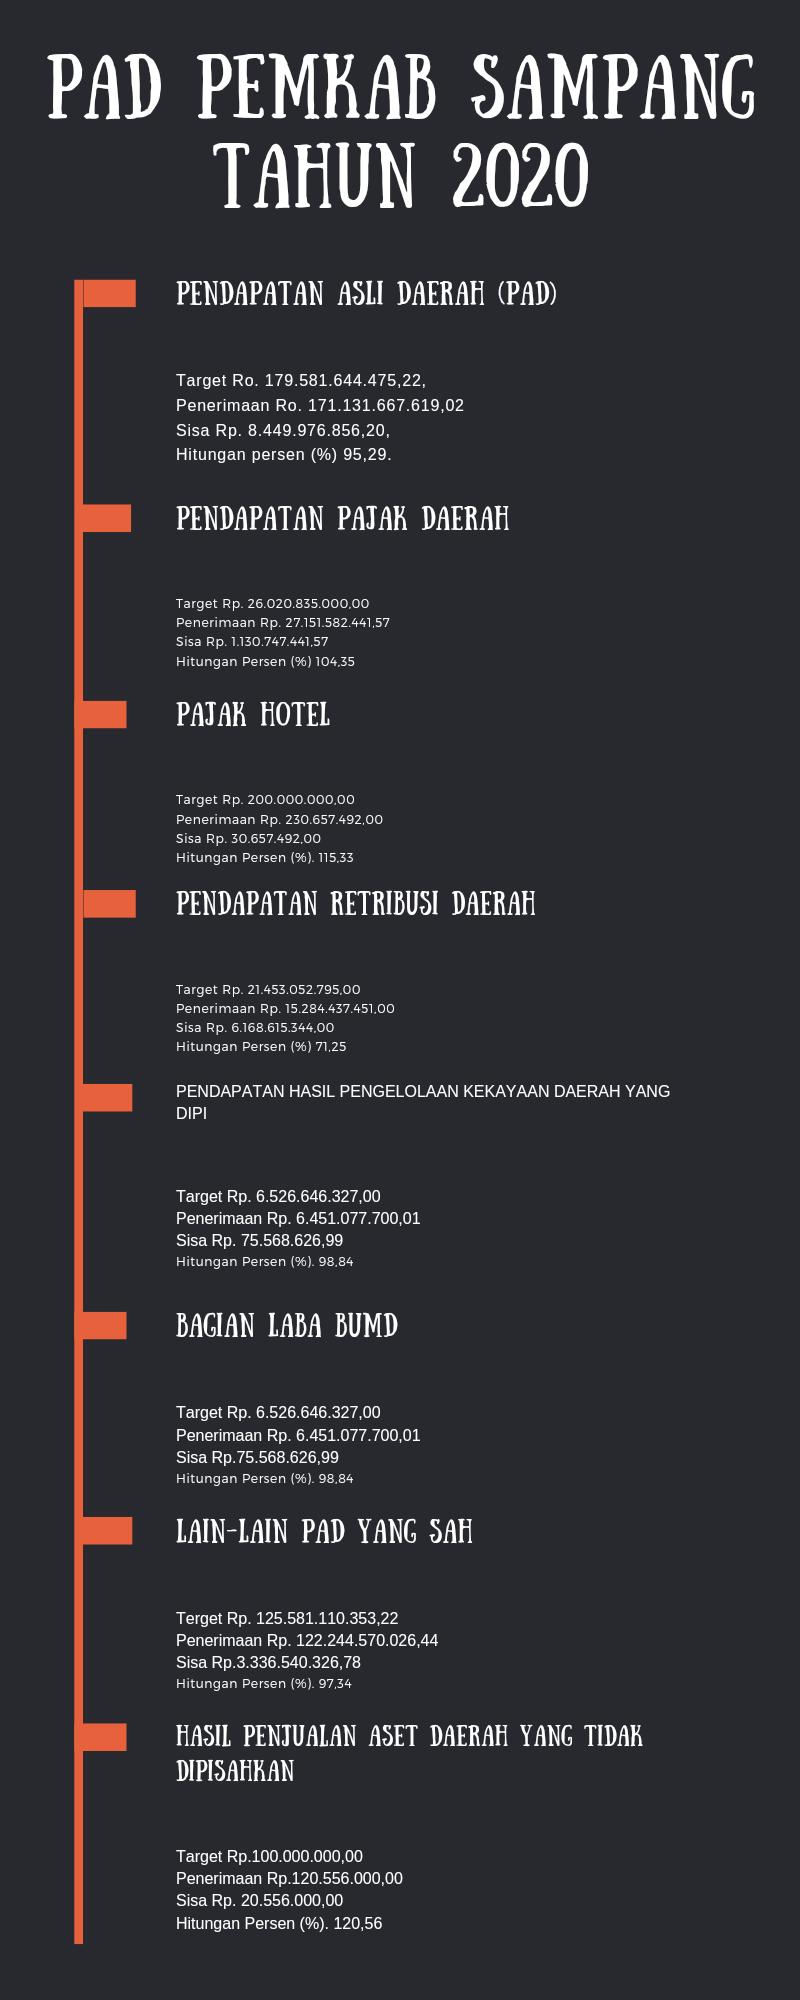 PAD Sampang 2020